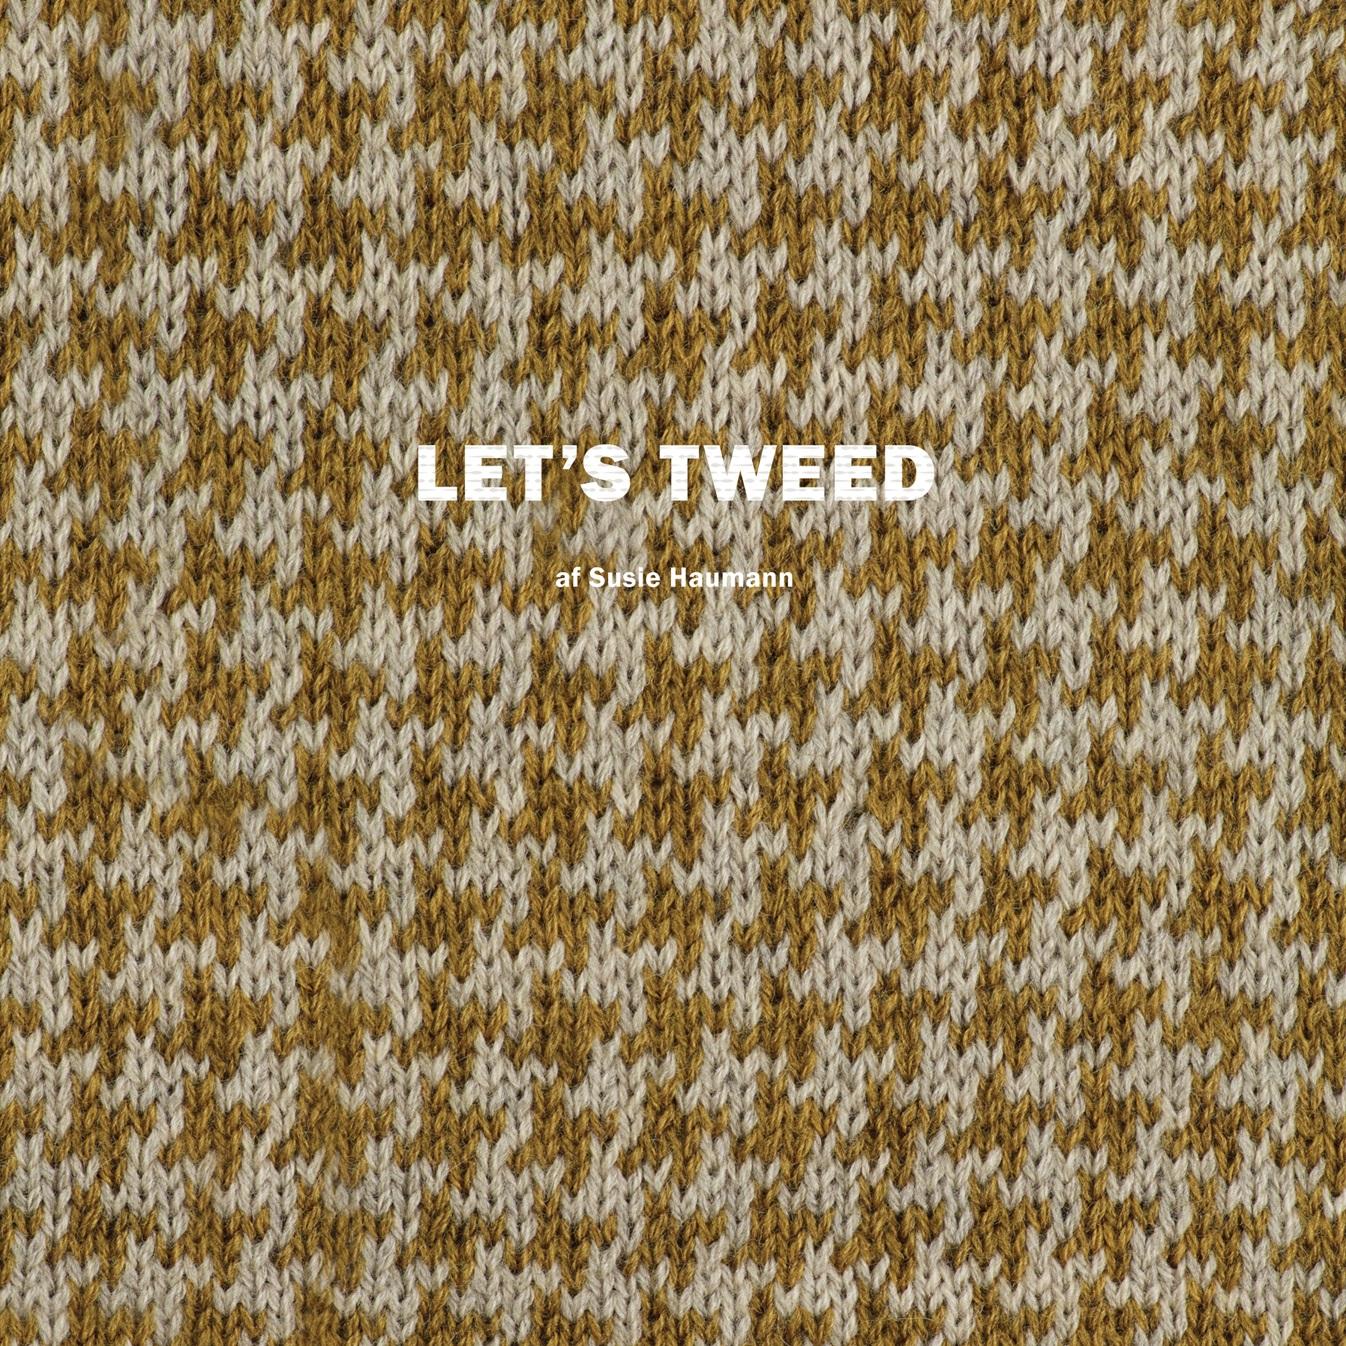 Let's tweed